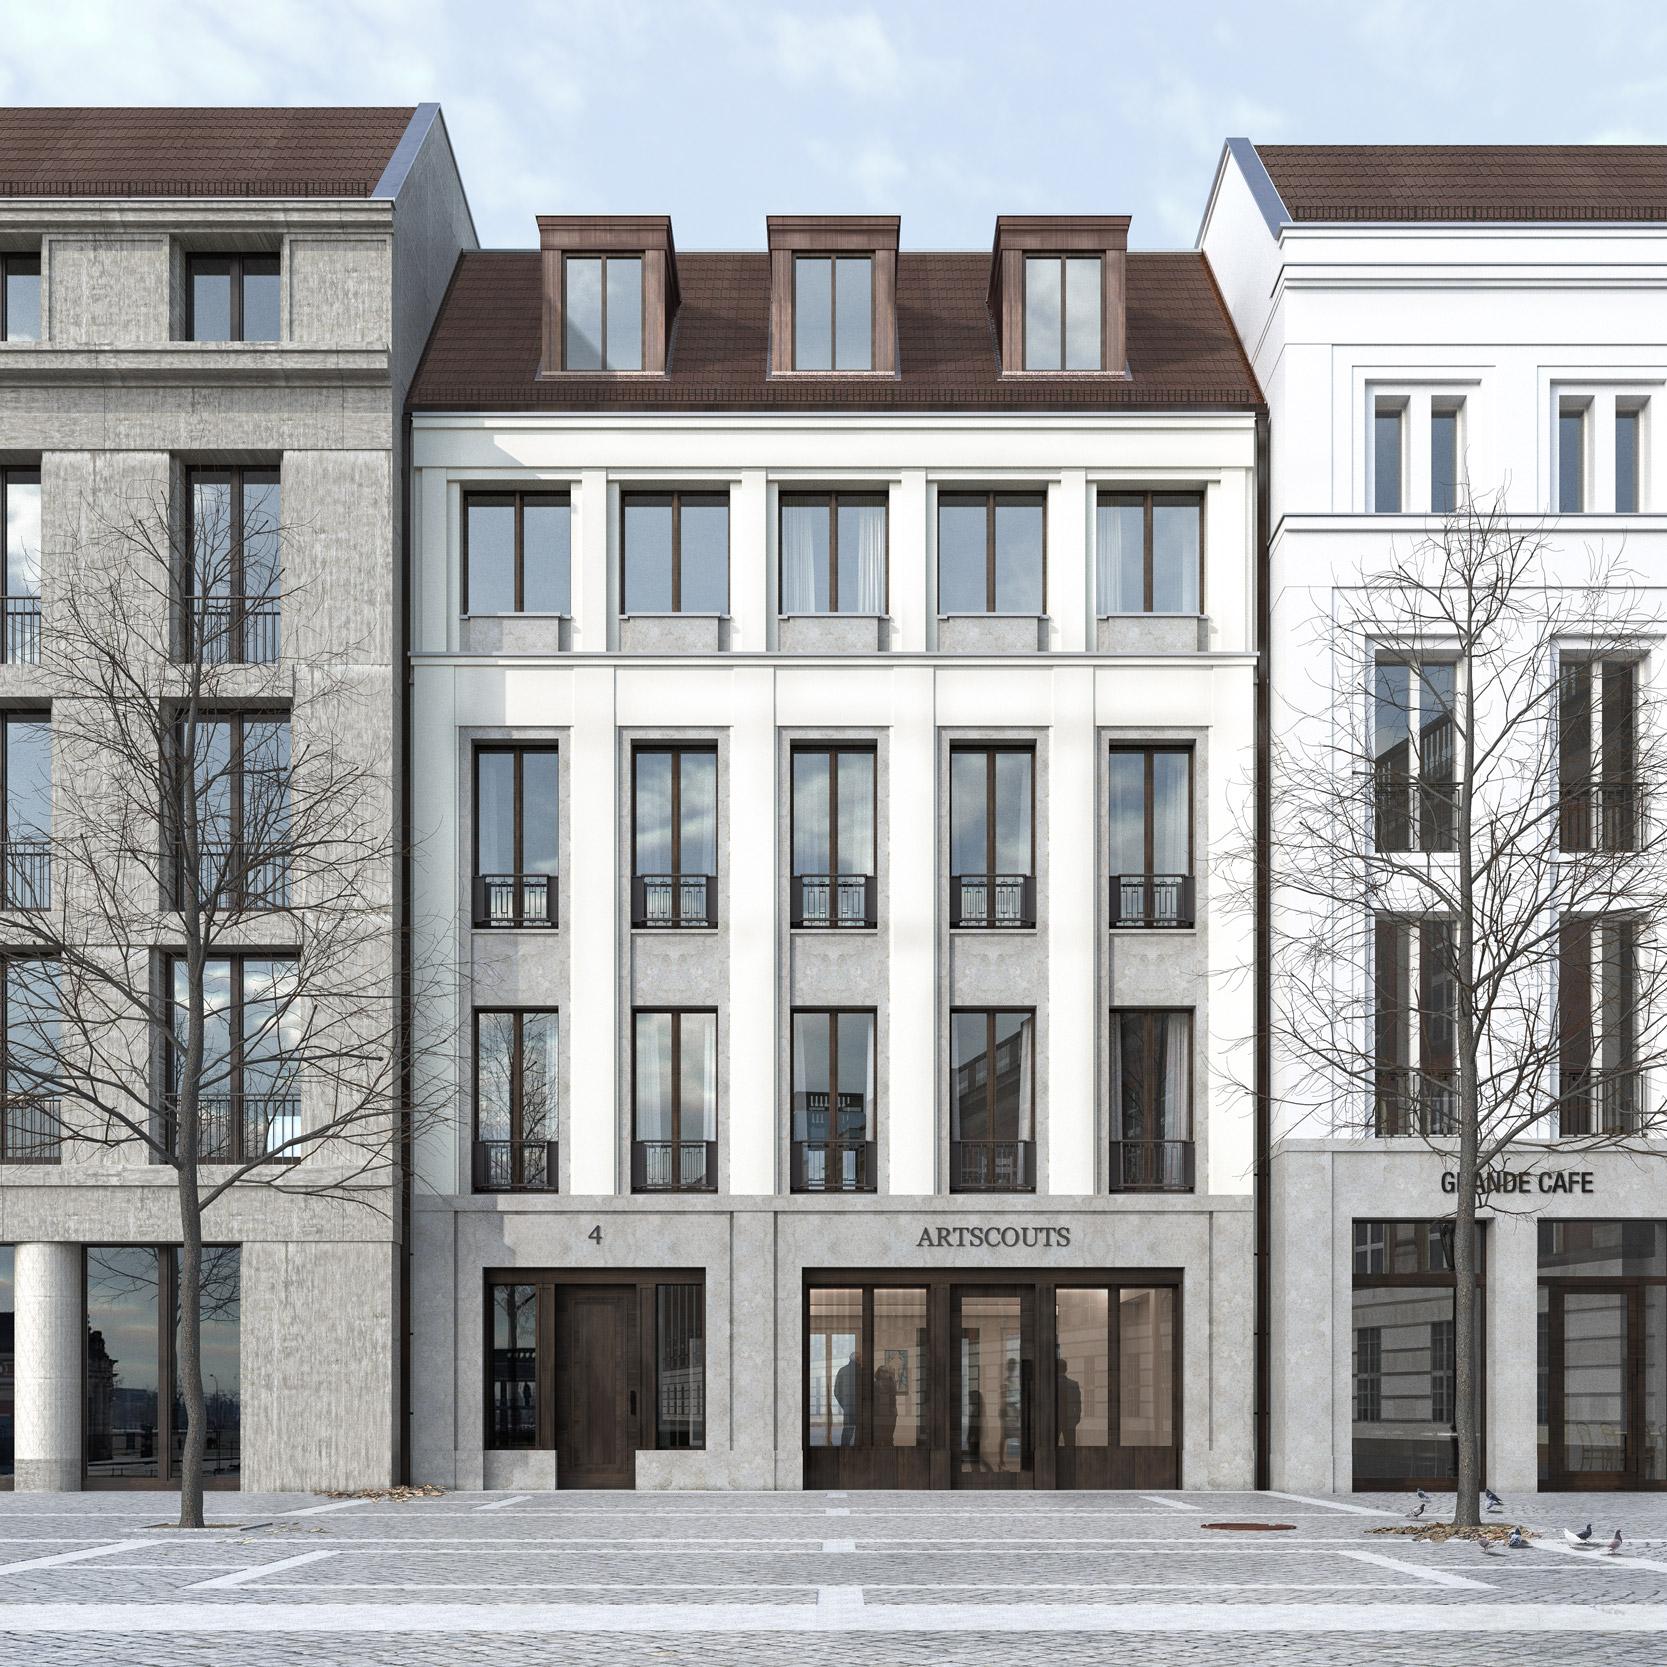 Neubau eines städtischen Wohnhauses am Steubenplatz - NEUE MITTE POTSDAM